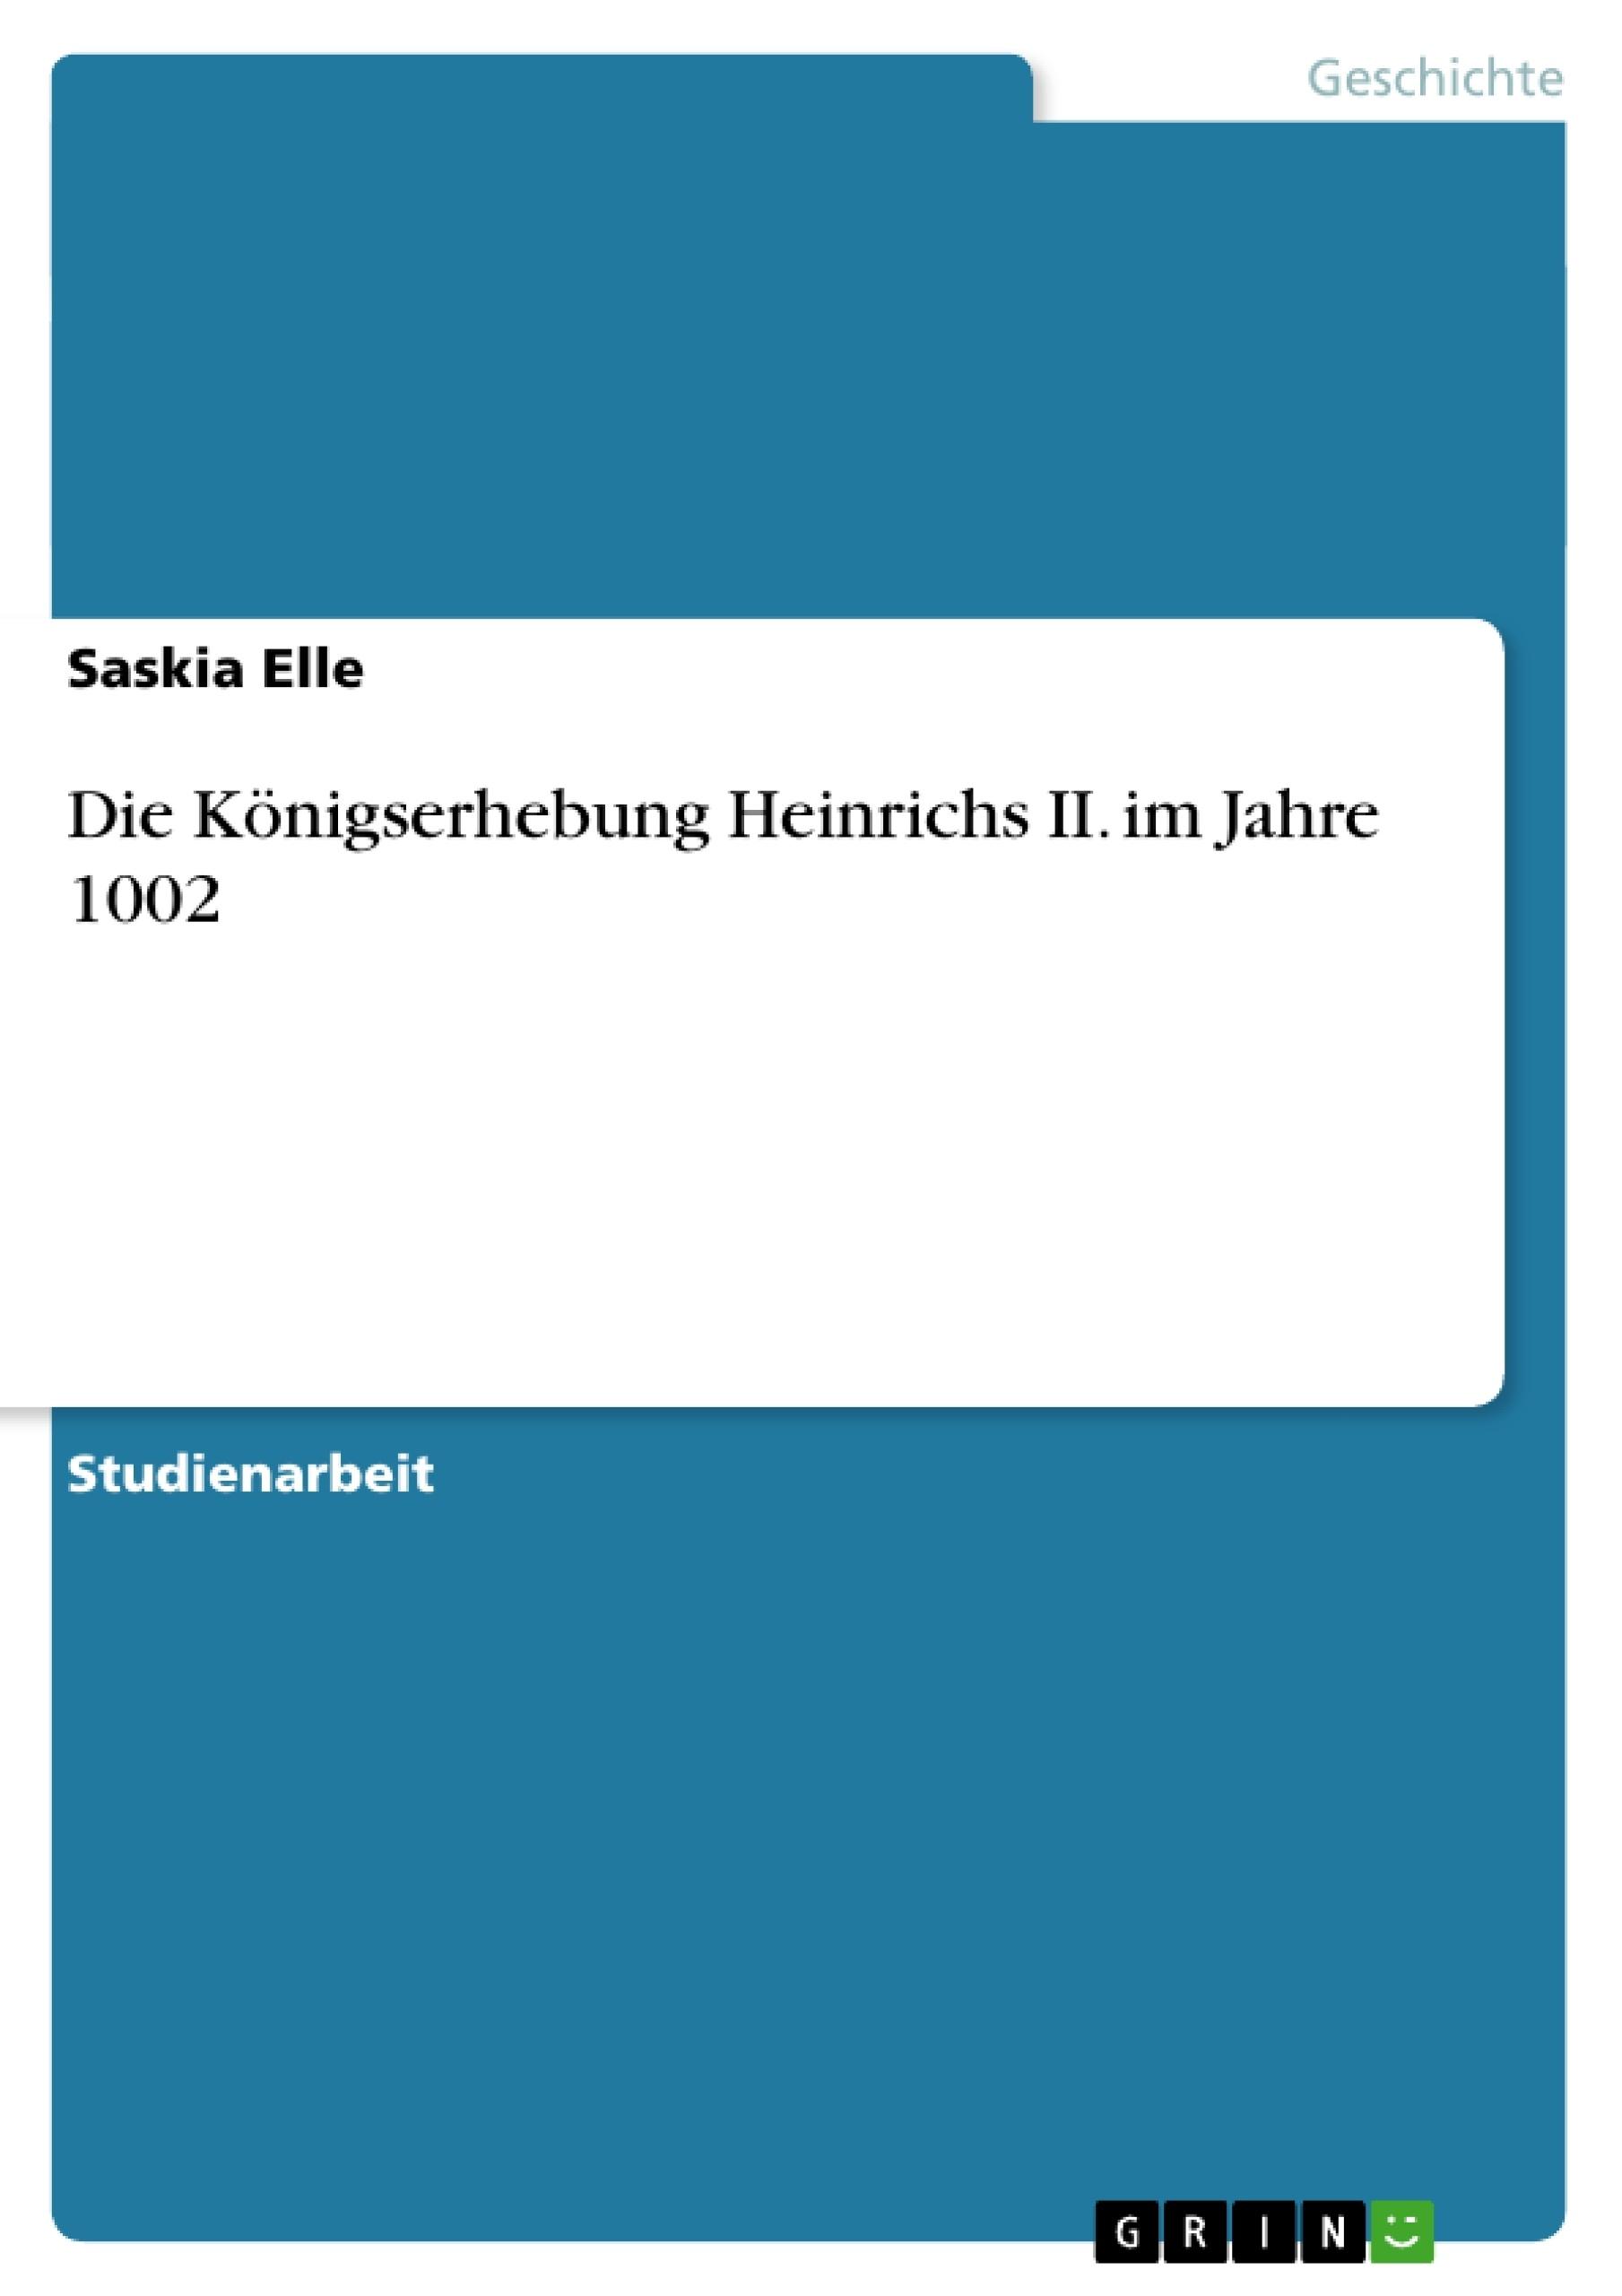 Titel: Die Königserhebung Heinrichs II. im Jahre 1002